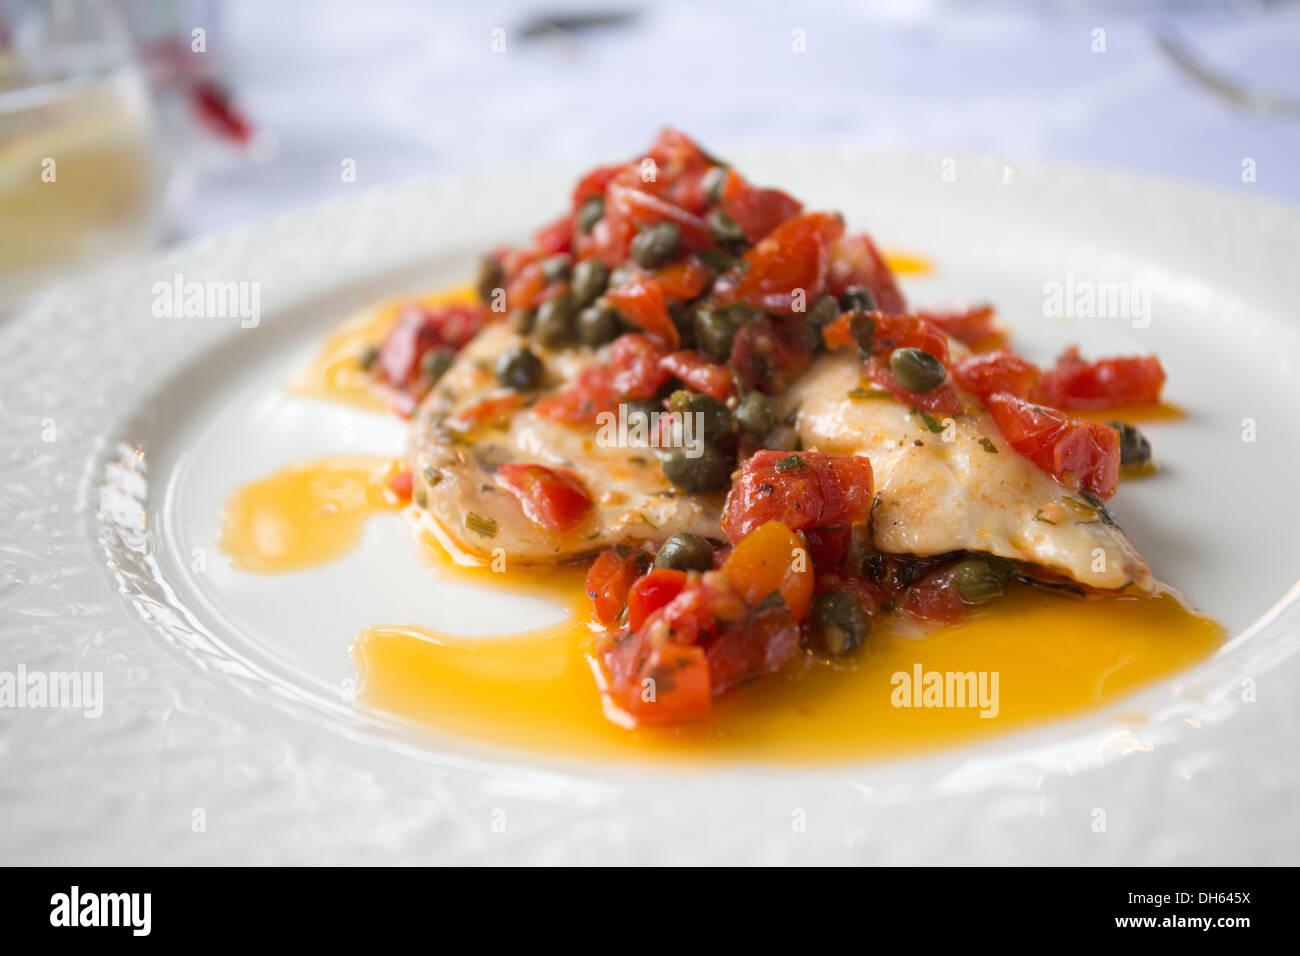 Haute Cuisine feine Restaurants Fisch in einem restaurant Stockbild